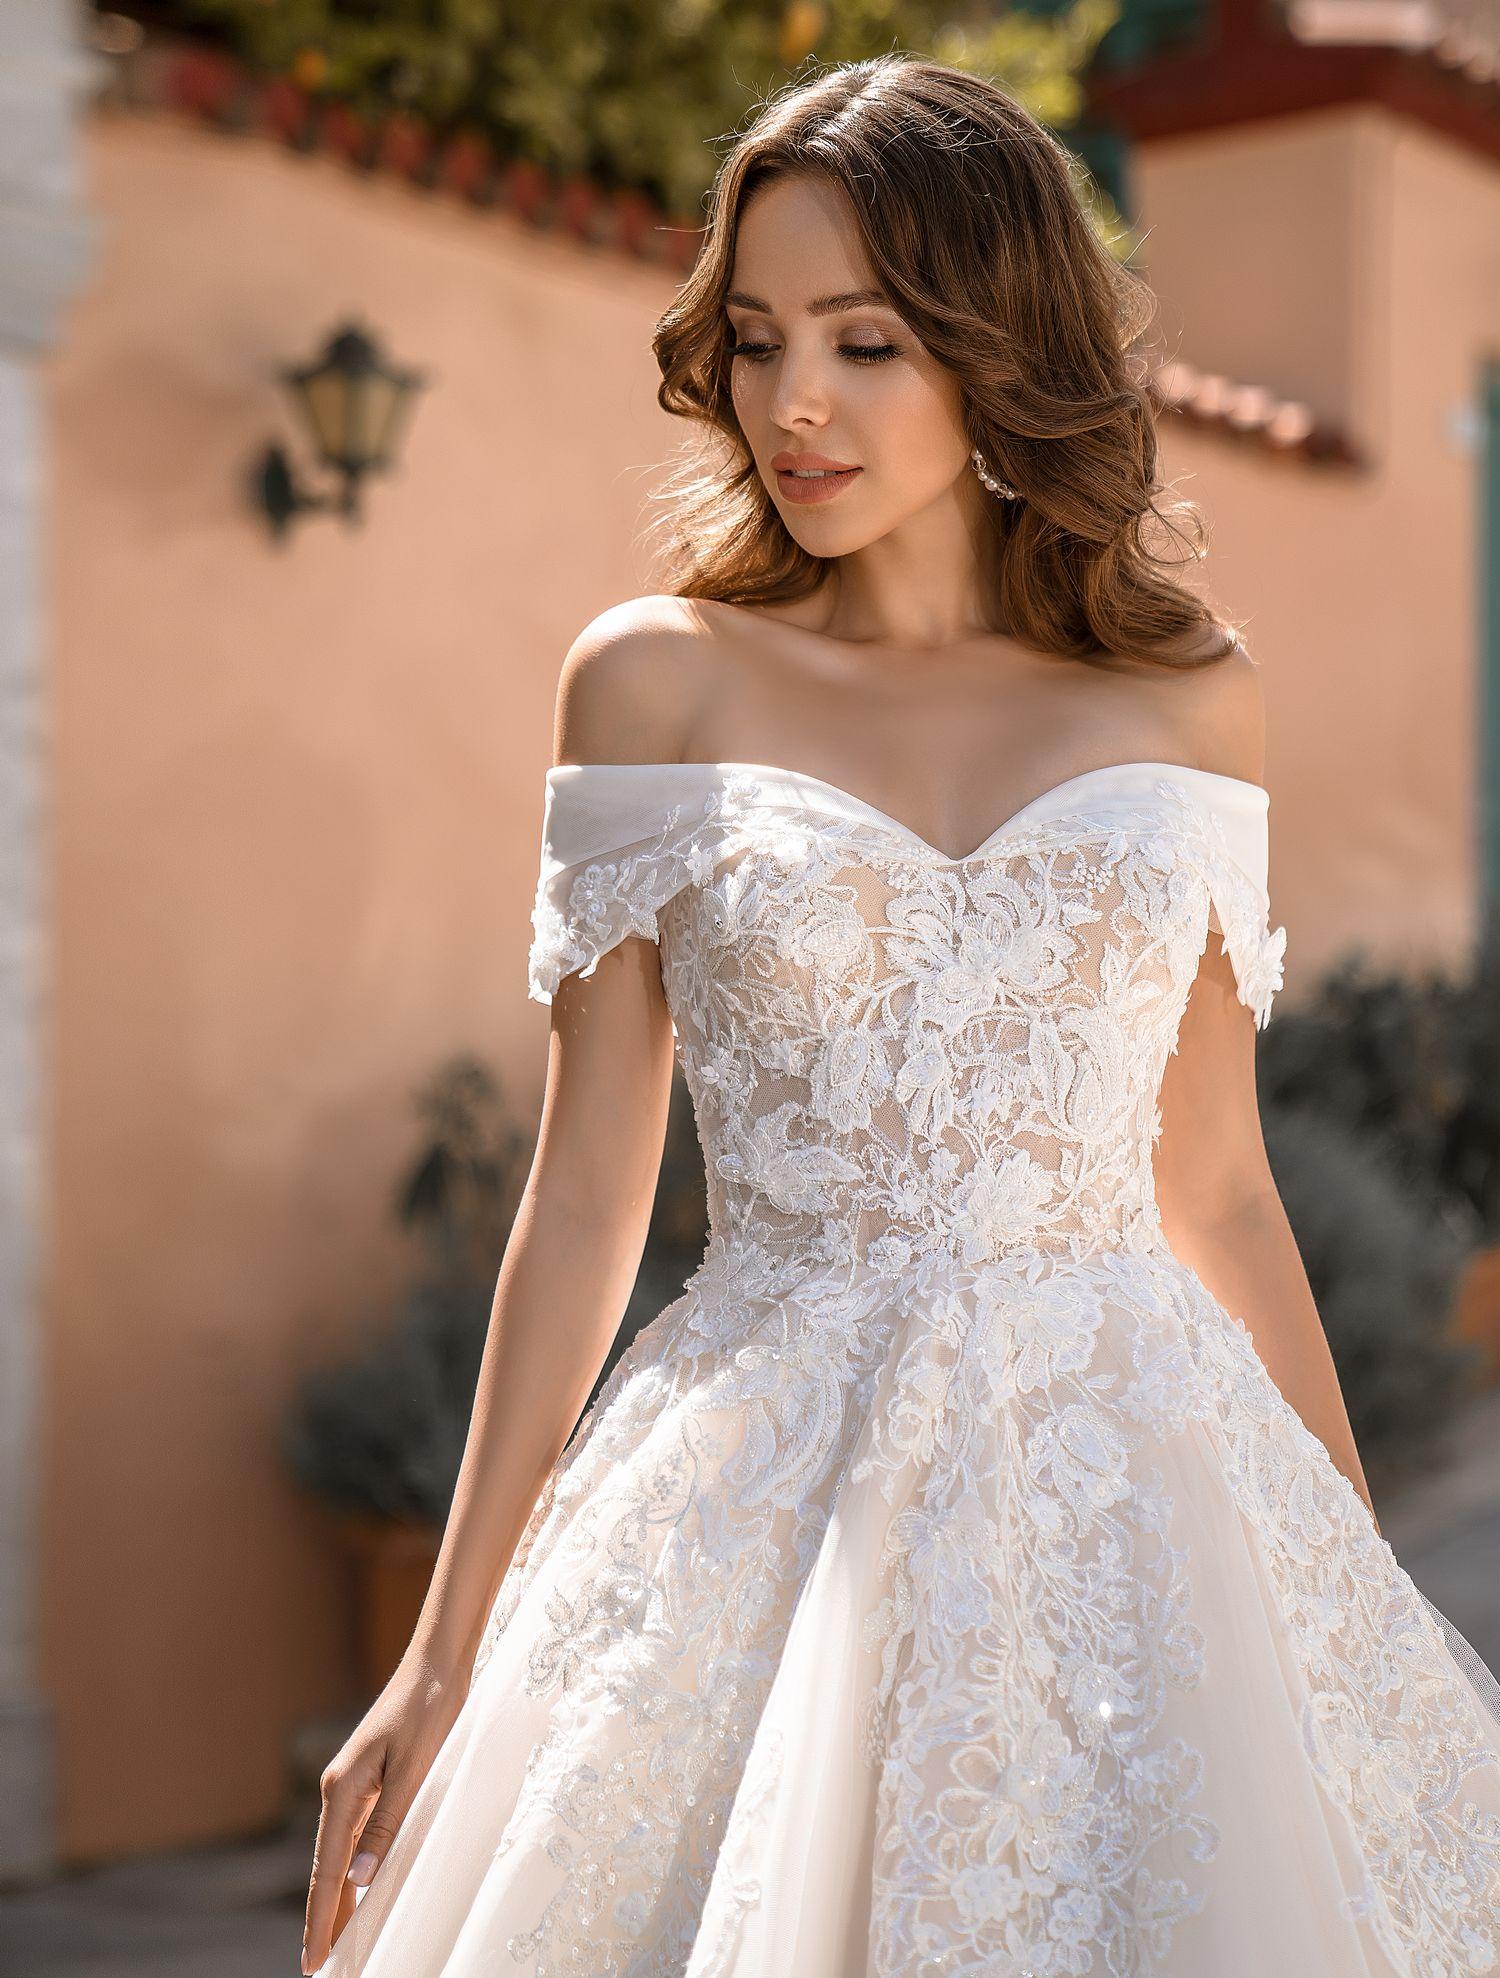 Rochie de mireasa luxuriant clasic